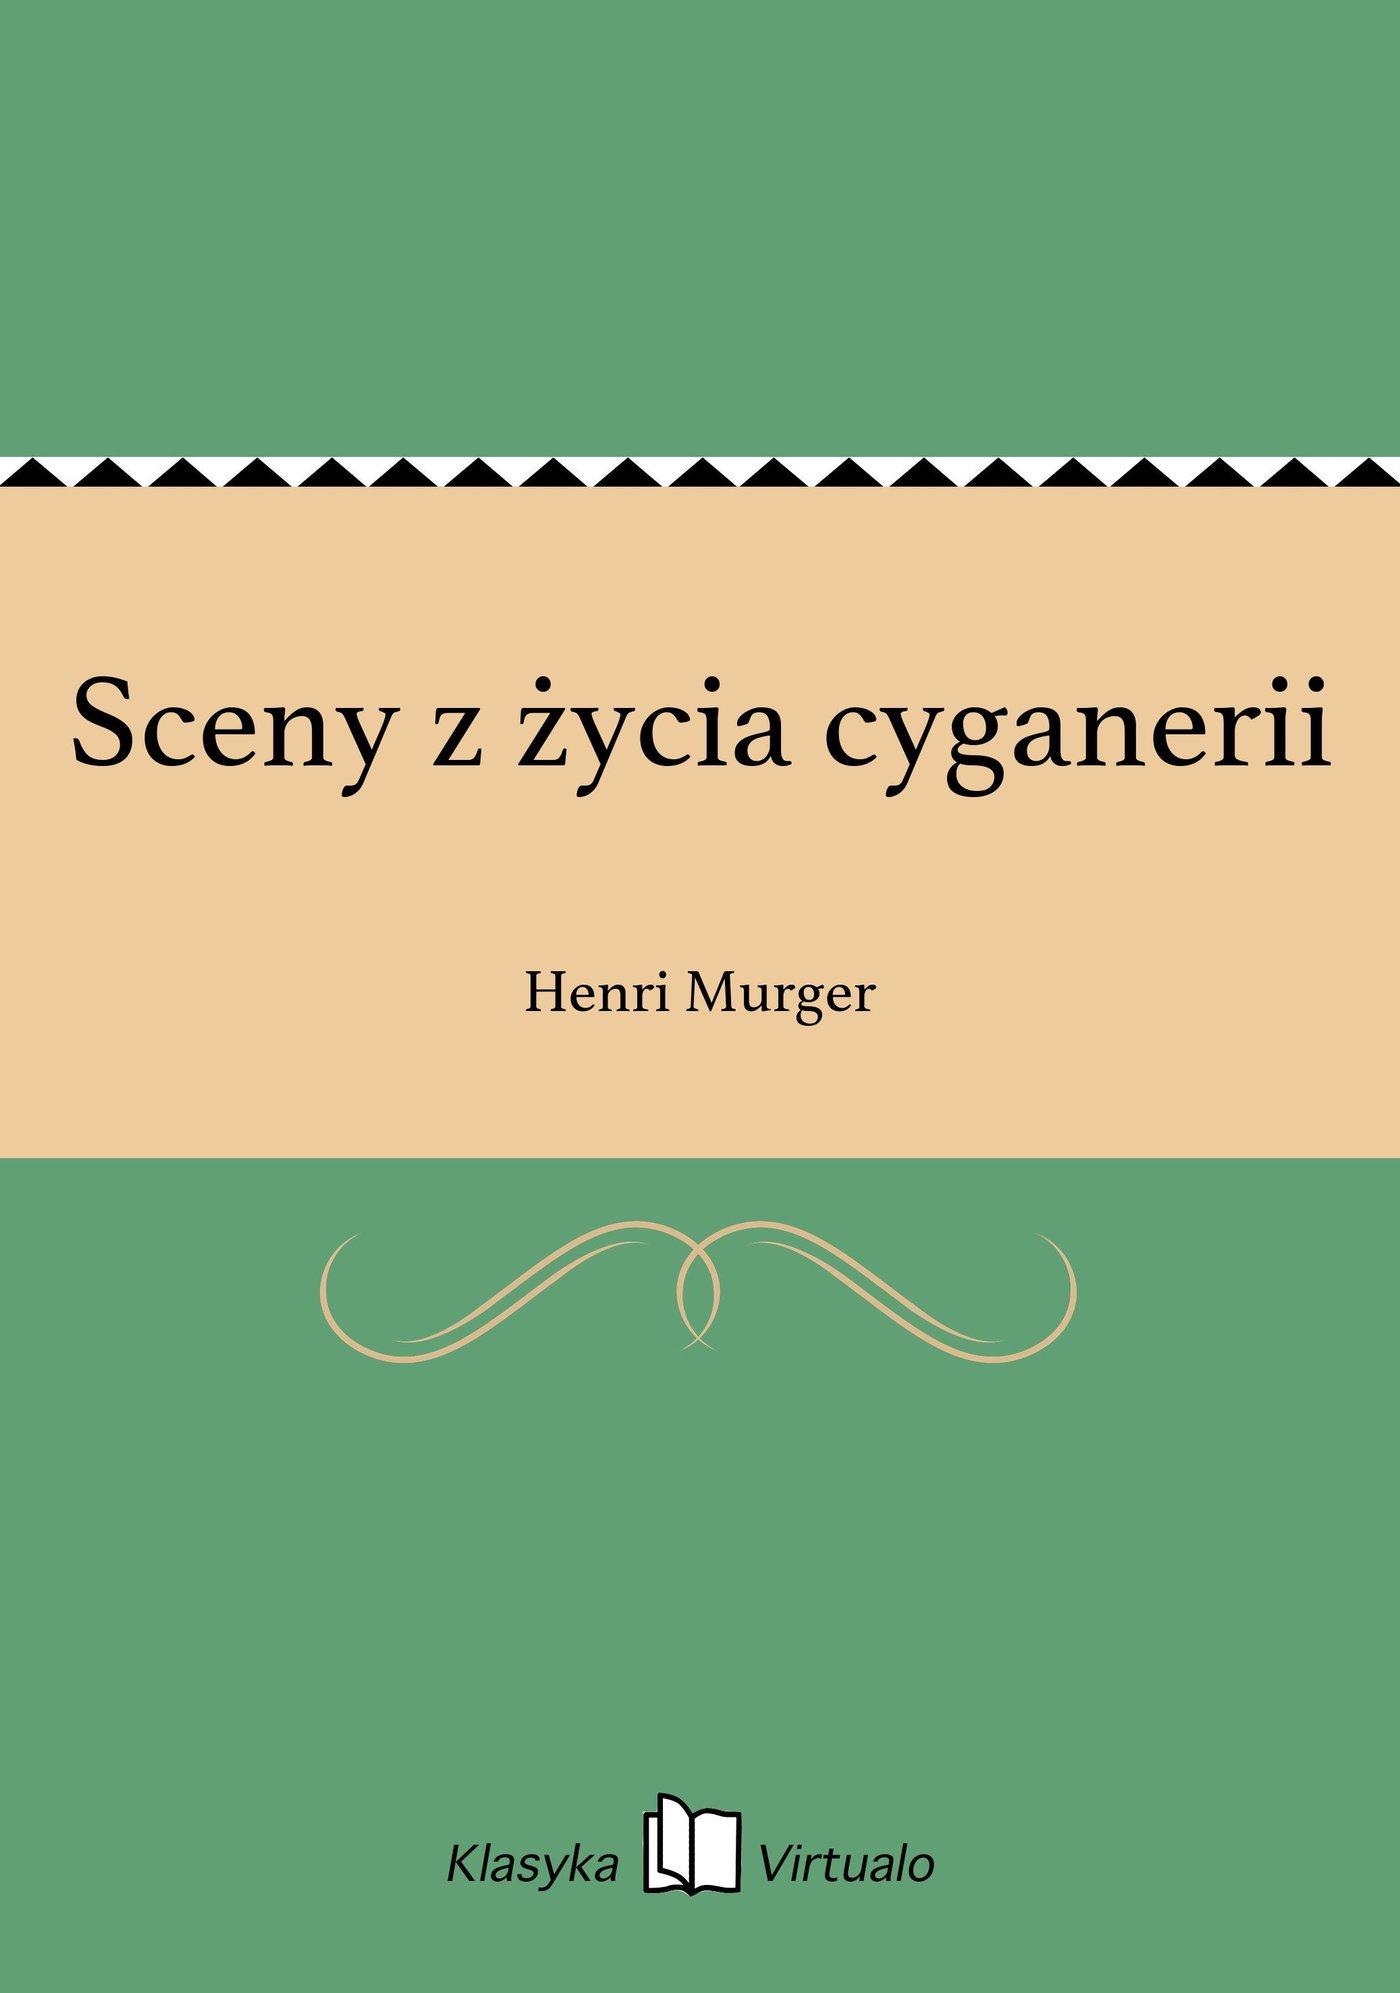 Sceny z życia cyganerii - Ebook (Książka na Kindle) do pobrania w formacie MOBI